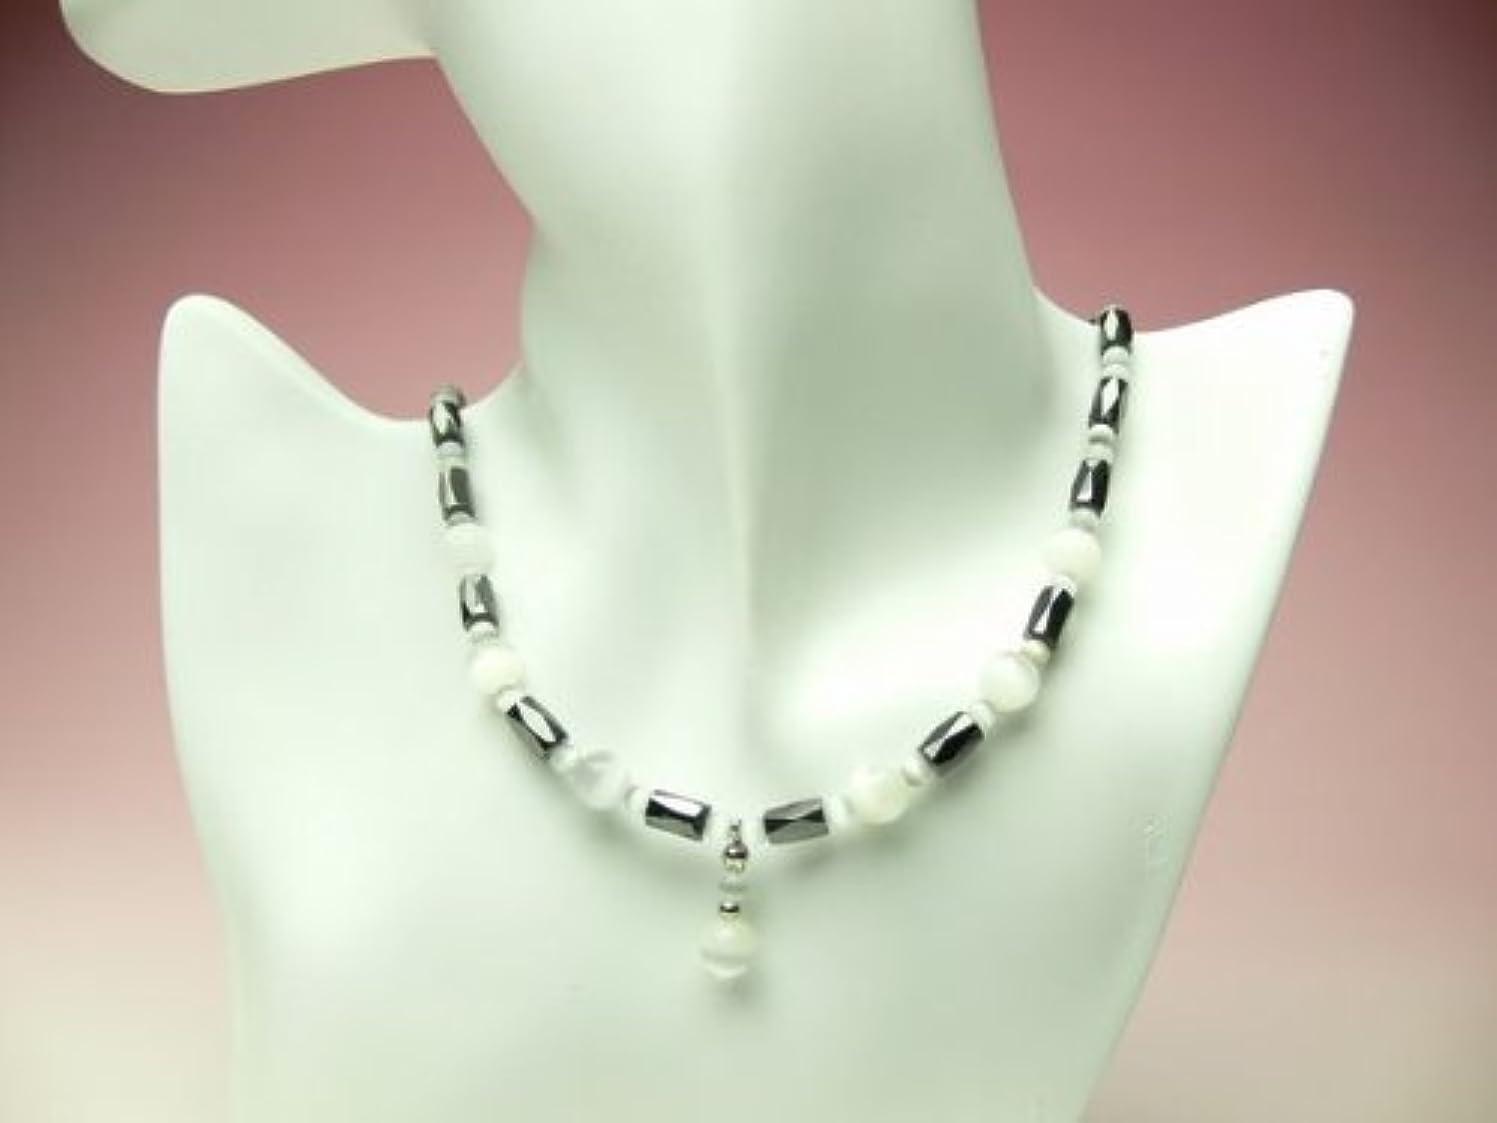 染料先史時代のぶどうオリジナル強力磁気ネックレス?ホワイト 48センチ